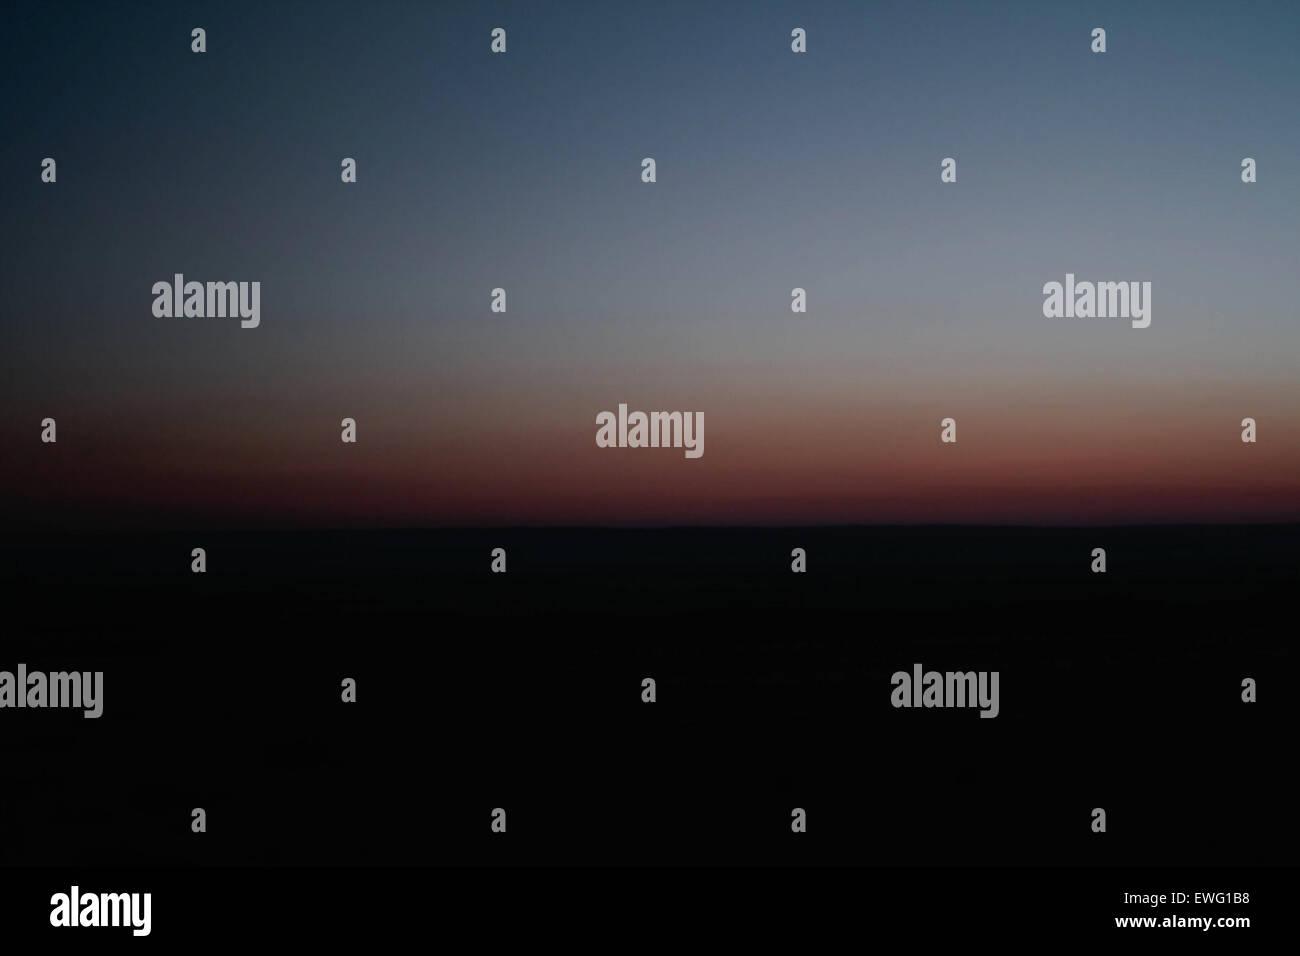 Paysage minimaliste du ciel avant le lever du soleil Horizon dégradé de fond ciel paysage minimaliste Photo Stock